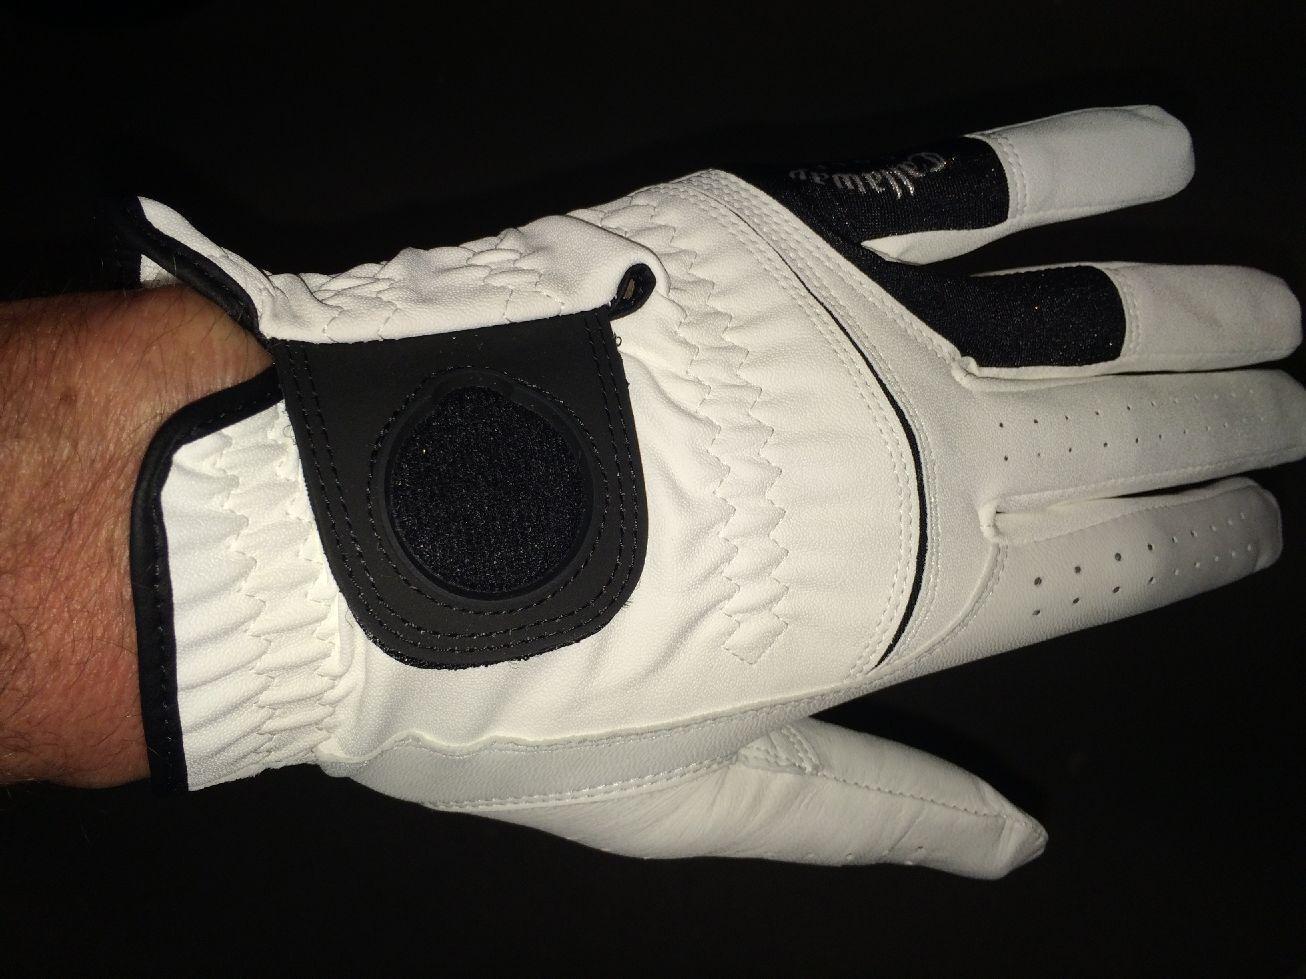 10 callaway de cuero guantes  del pga Pro  punto de venta de la marca